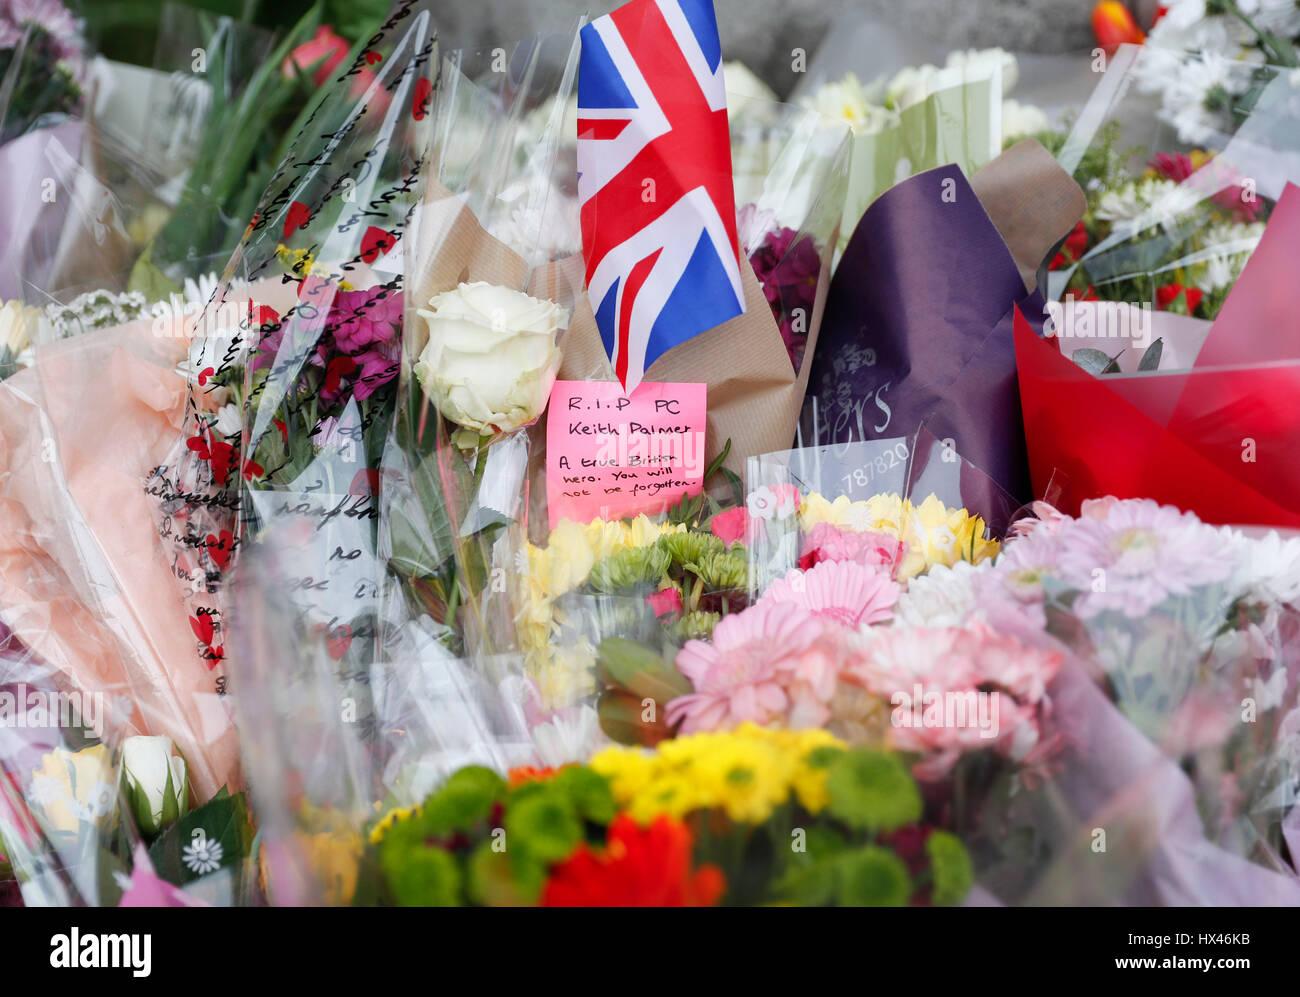 London, UK. 24. März 2017. Westminster-Terror-Anschlag im Zentrum von London.  Florale Hommagen an die Opfer gelten außerhalb der Houses of Parliament, zwei Tage nach dem März 22 Westminster Terror-Anschlag in central London, Großbritannien am 24. März 2017. Bildnachweis: Han Yan/Xinhua/Alamy Live-Nachrichten Stockfoto